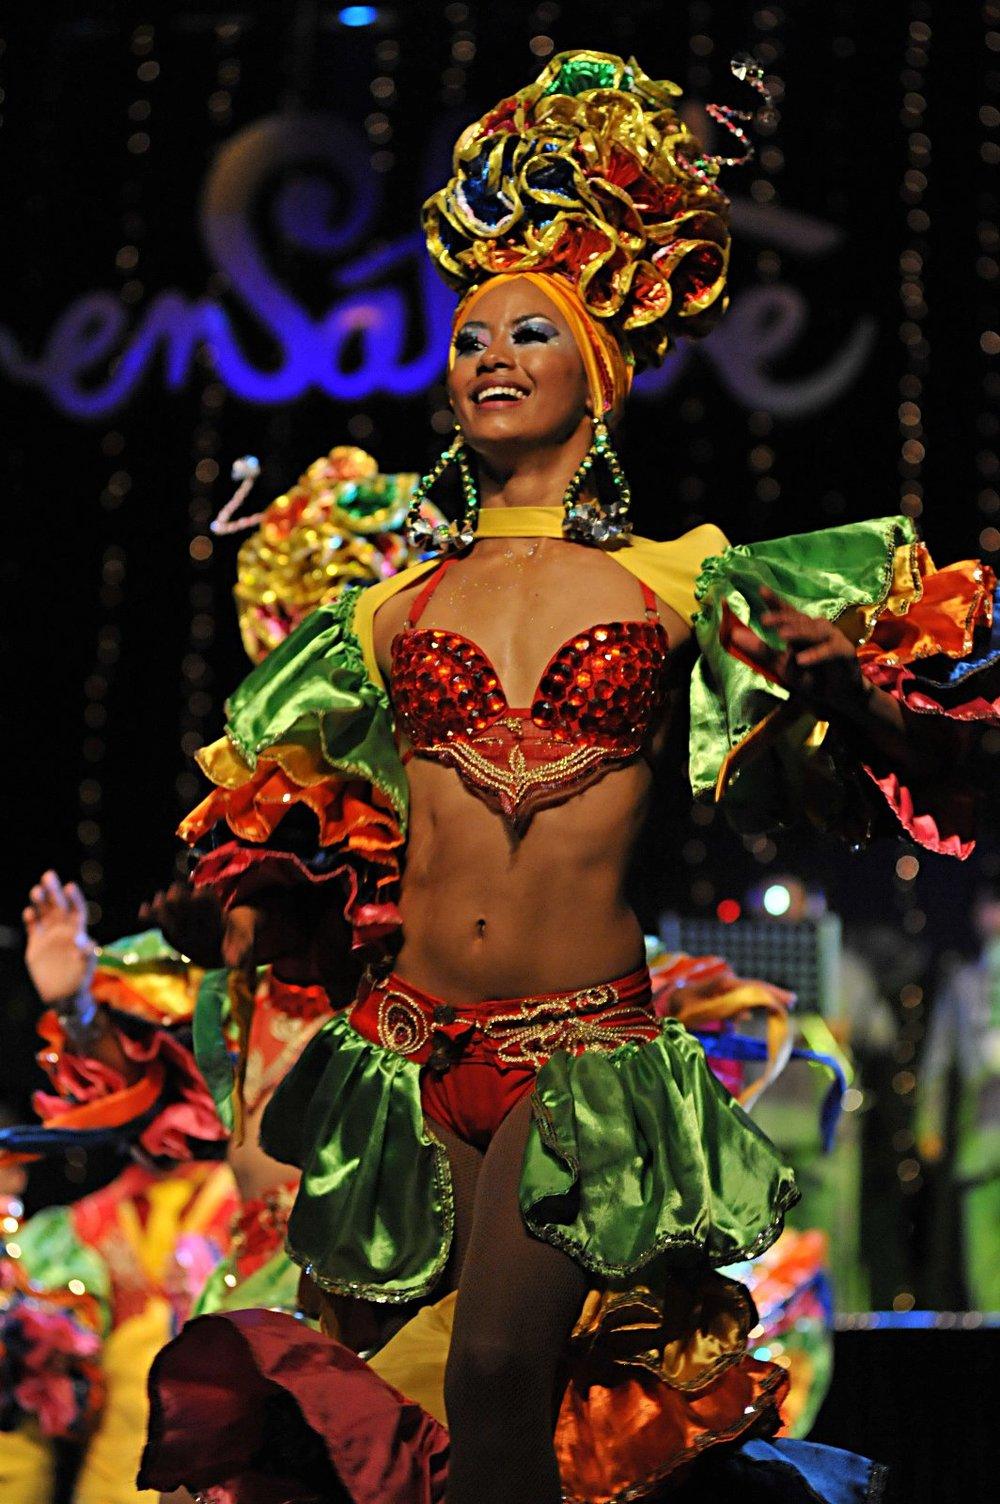 Ensálsate tiene la salsa como ritmo fuerte, con fusiones con otros bailes como tango, danza árabe y breakdance.